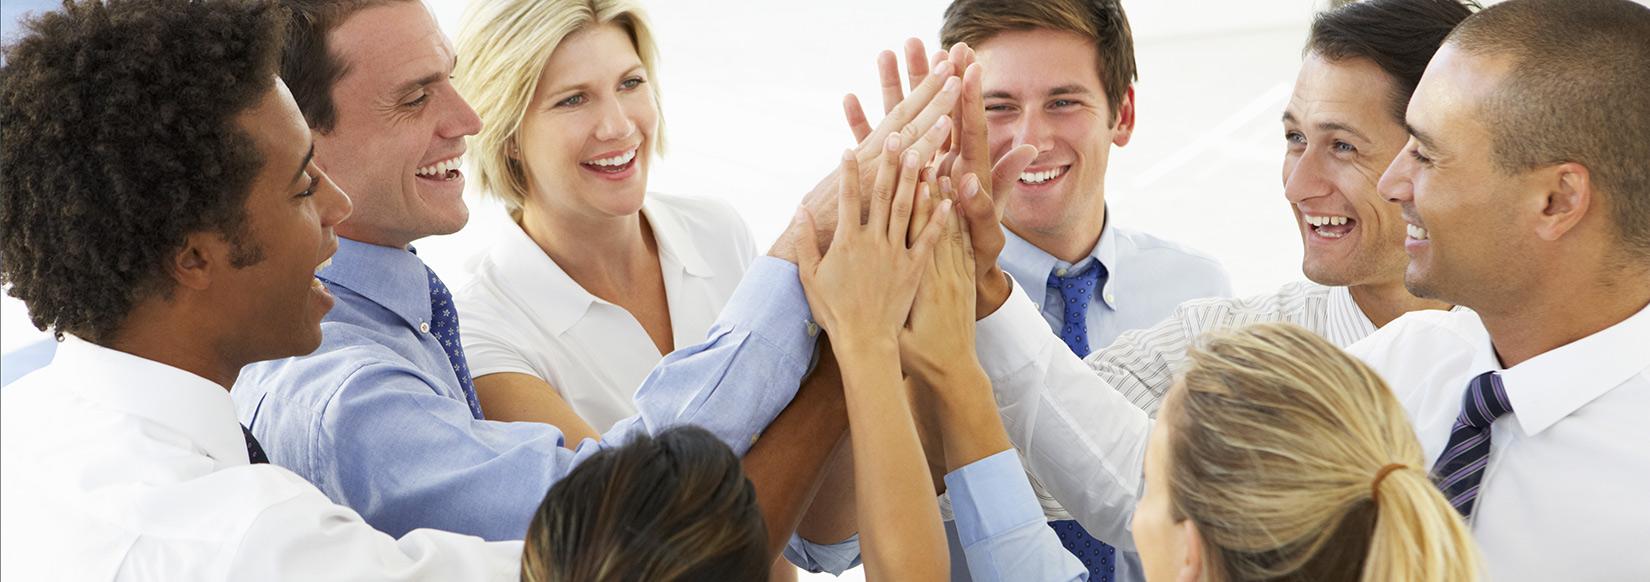 organiser-un-team-building-entreprise-annecy-74